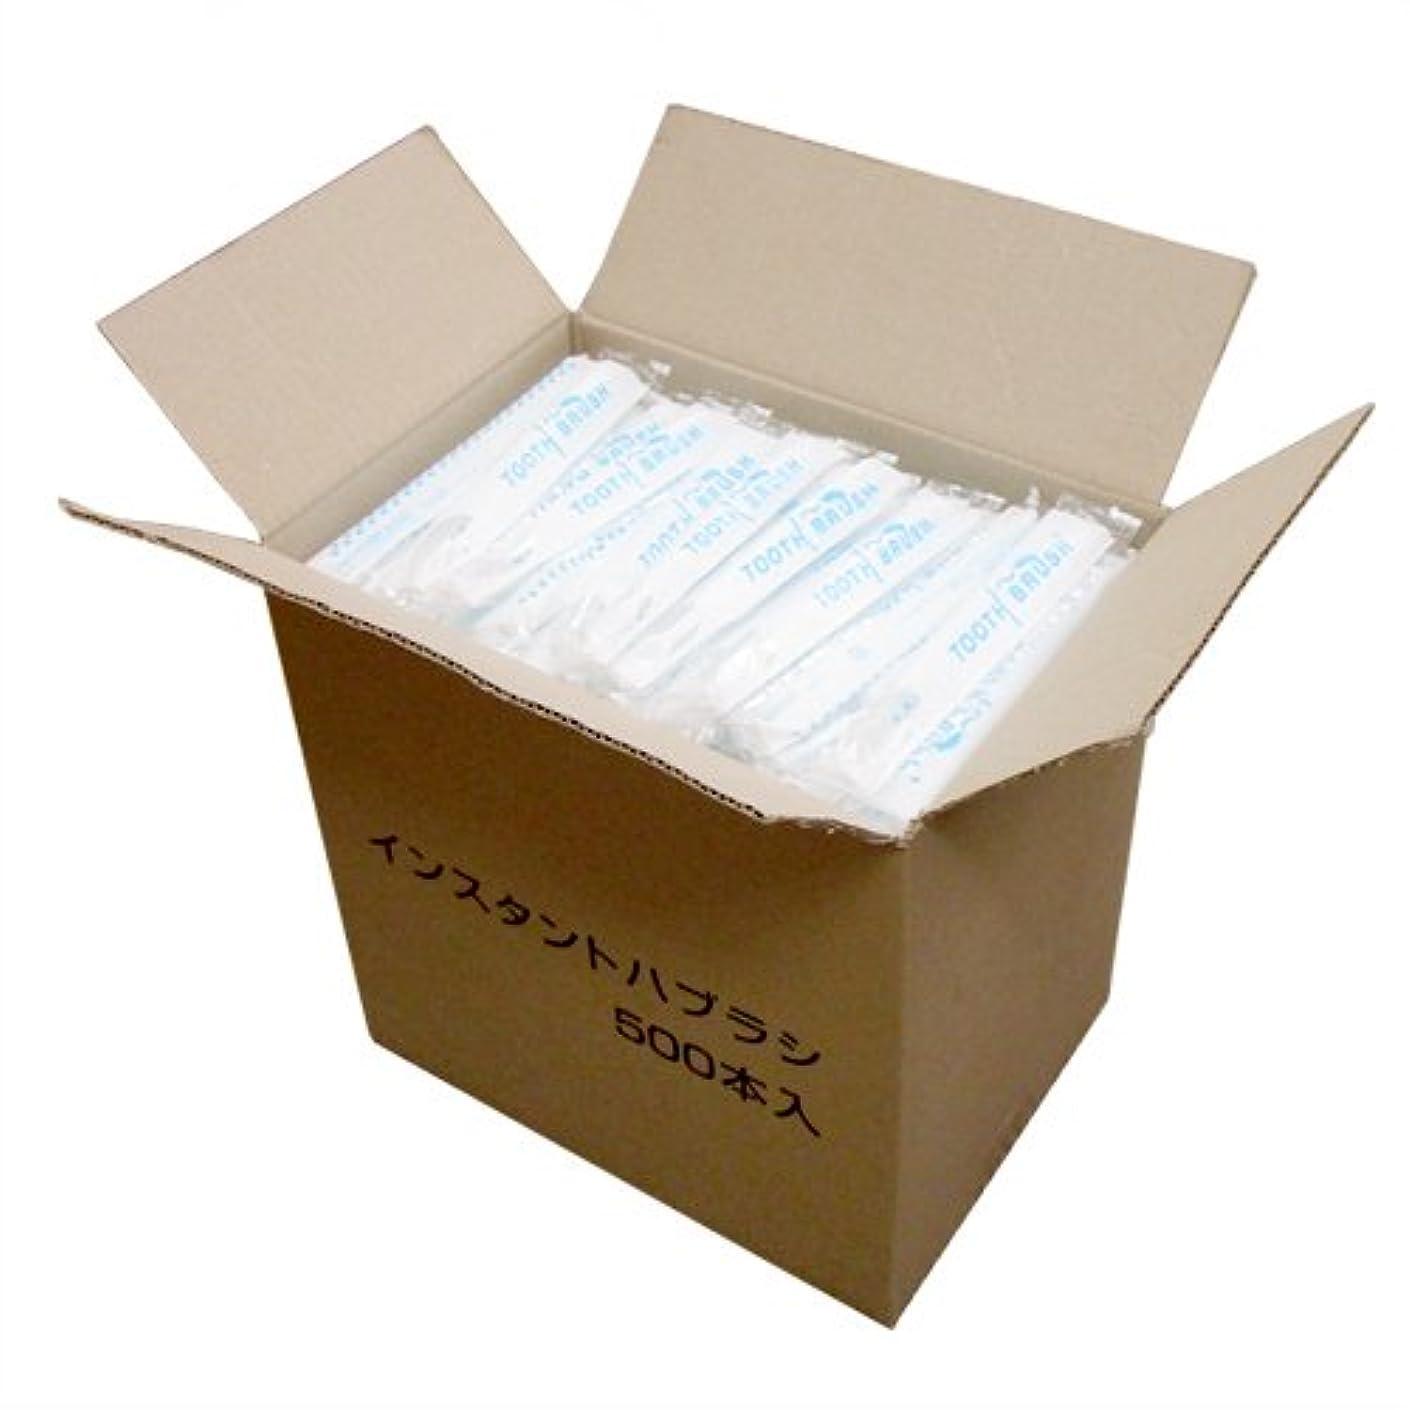 特定の衣類放牧する業務用 日本製 使い捨て粉付き歯ブラシ 個包装タイプ 500本入×8箱 (4000本入)│ホテルアメニティ